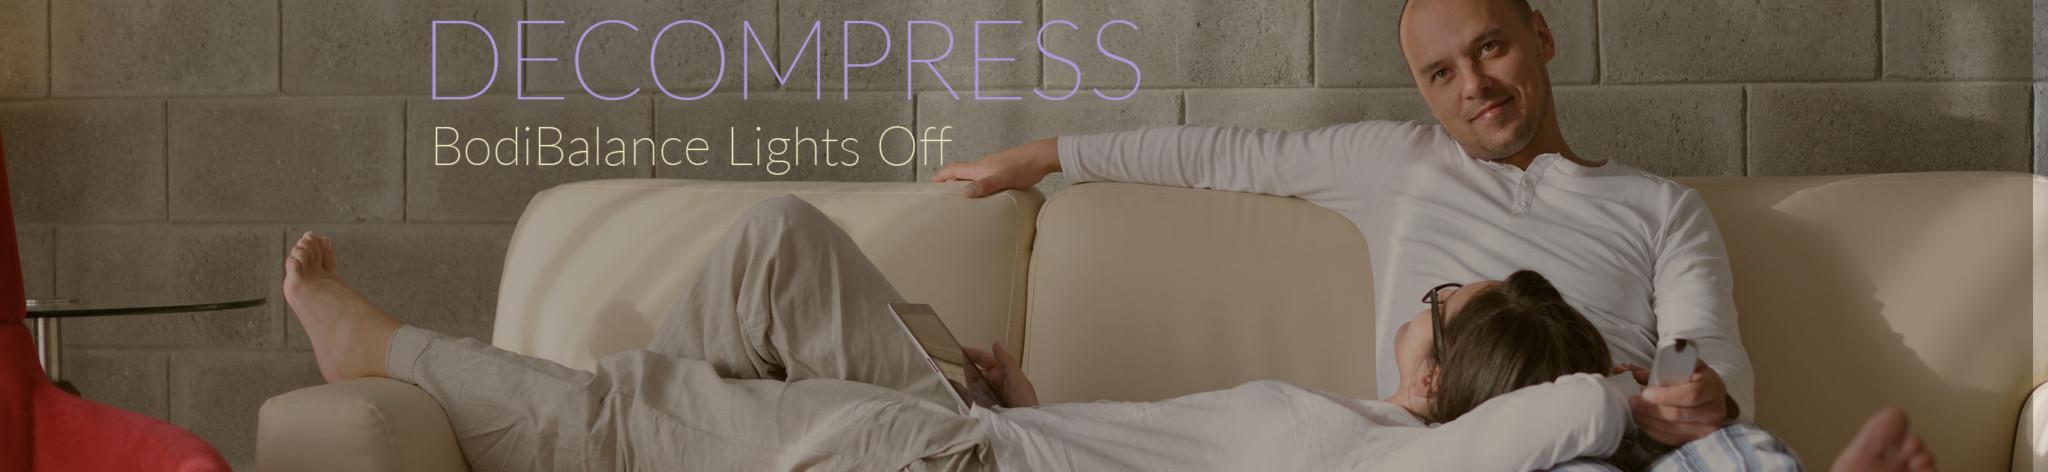 Lights-Off-banner-decompress